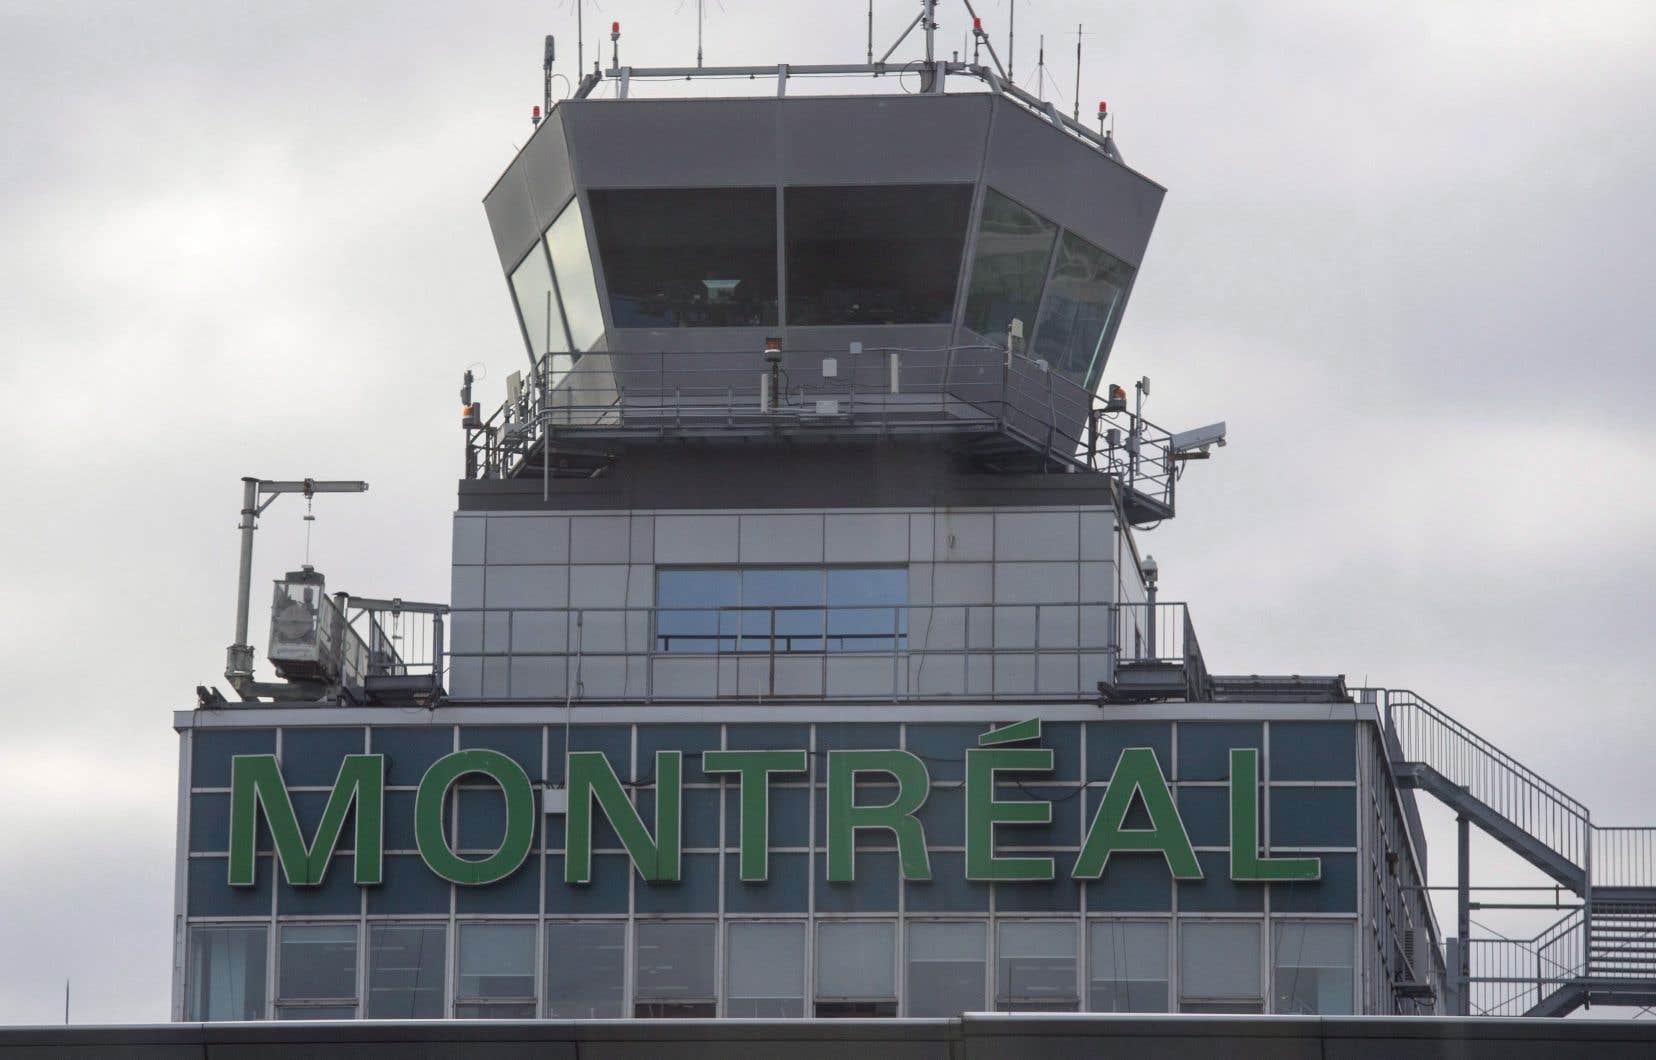 Une analyse publiée par l'Institut C.D. Howe a déjà estimé qu'Ottawa pourrait toucher de 7 à 17milliards en remettant les aéroports du pays entre les mains d'actionnaires privés. L'organisme Aéroports de Montréal (ADM) vaudrait à lui seul entre 1,3 et 2,9milliards.